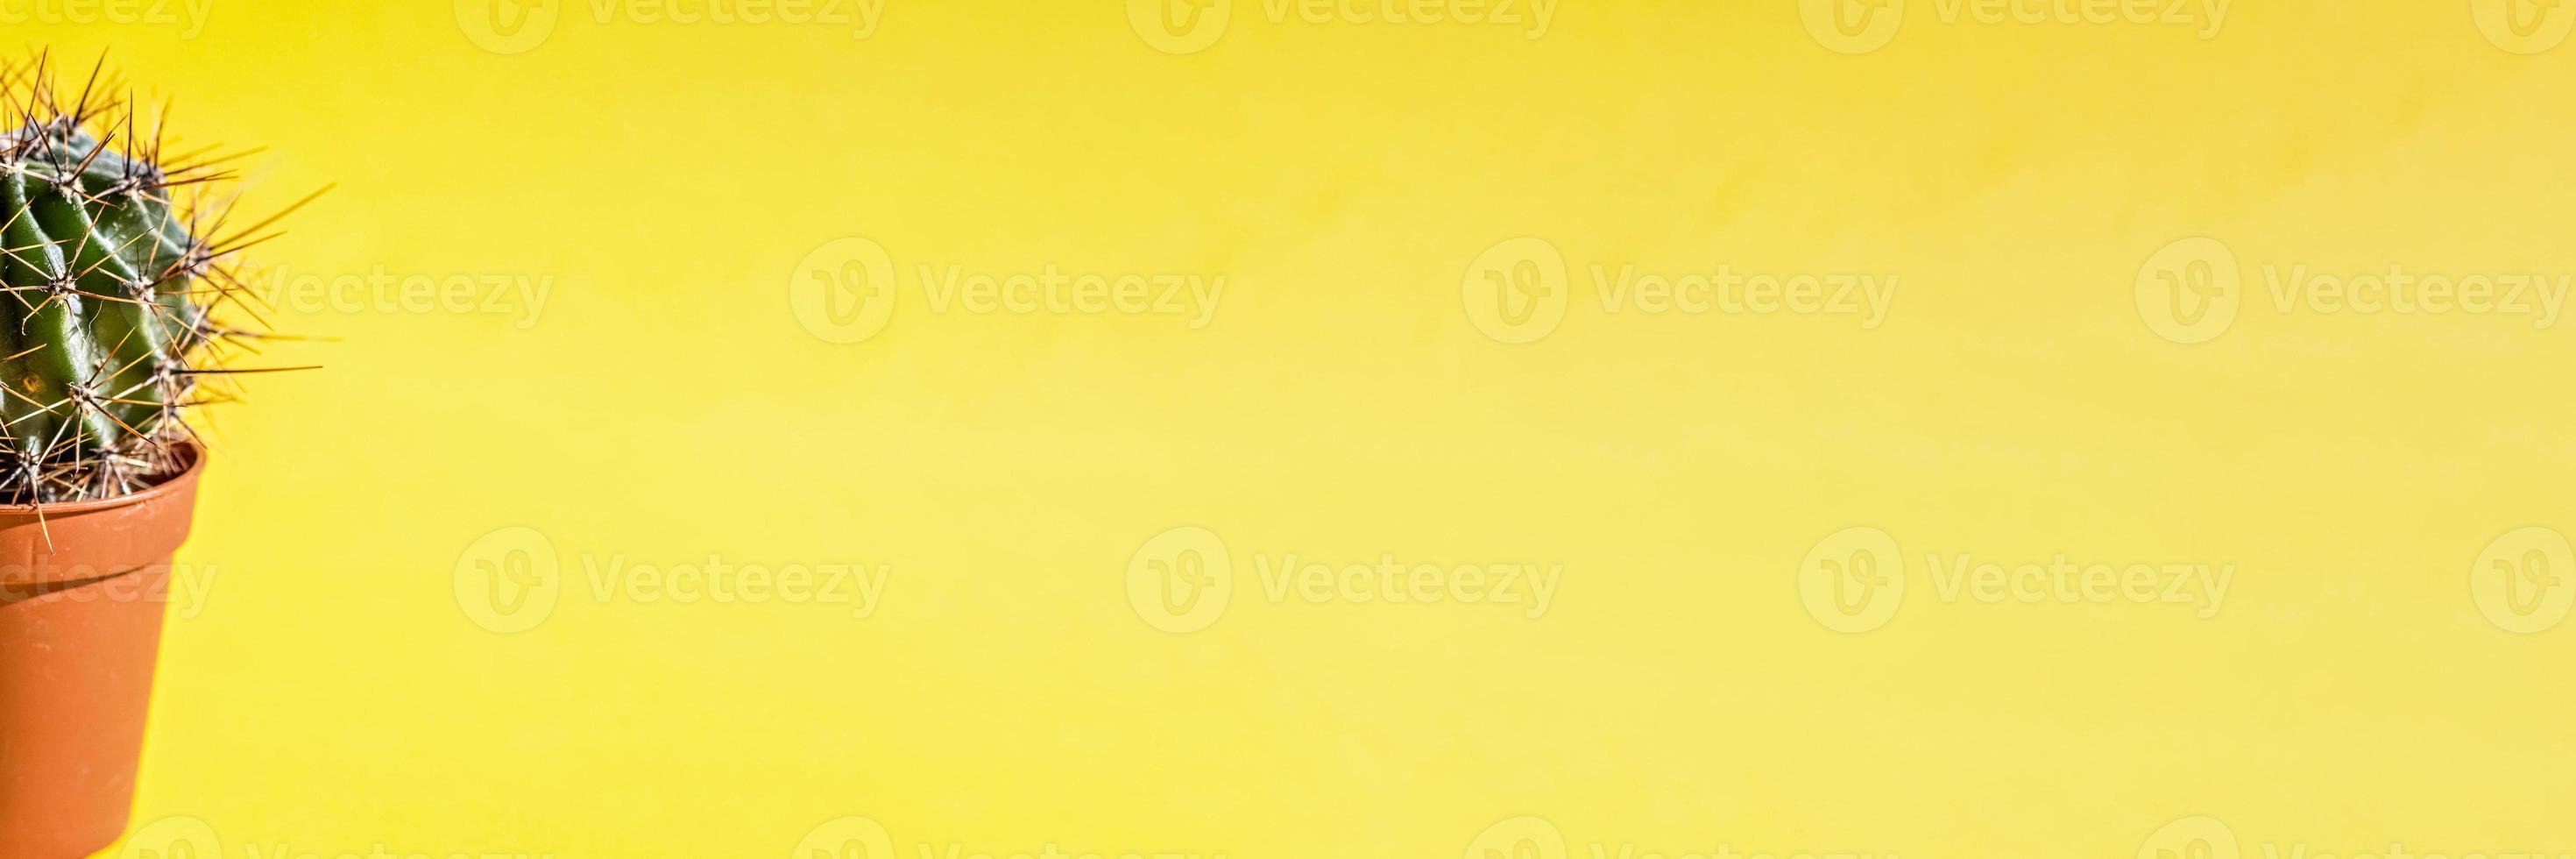 del av en kaktusväxt i en blomkruka på en gul bakgrund. banner foto